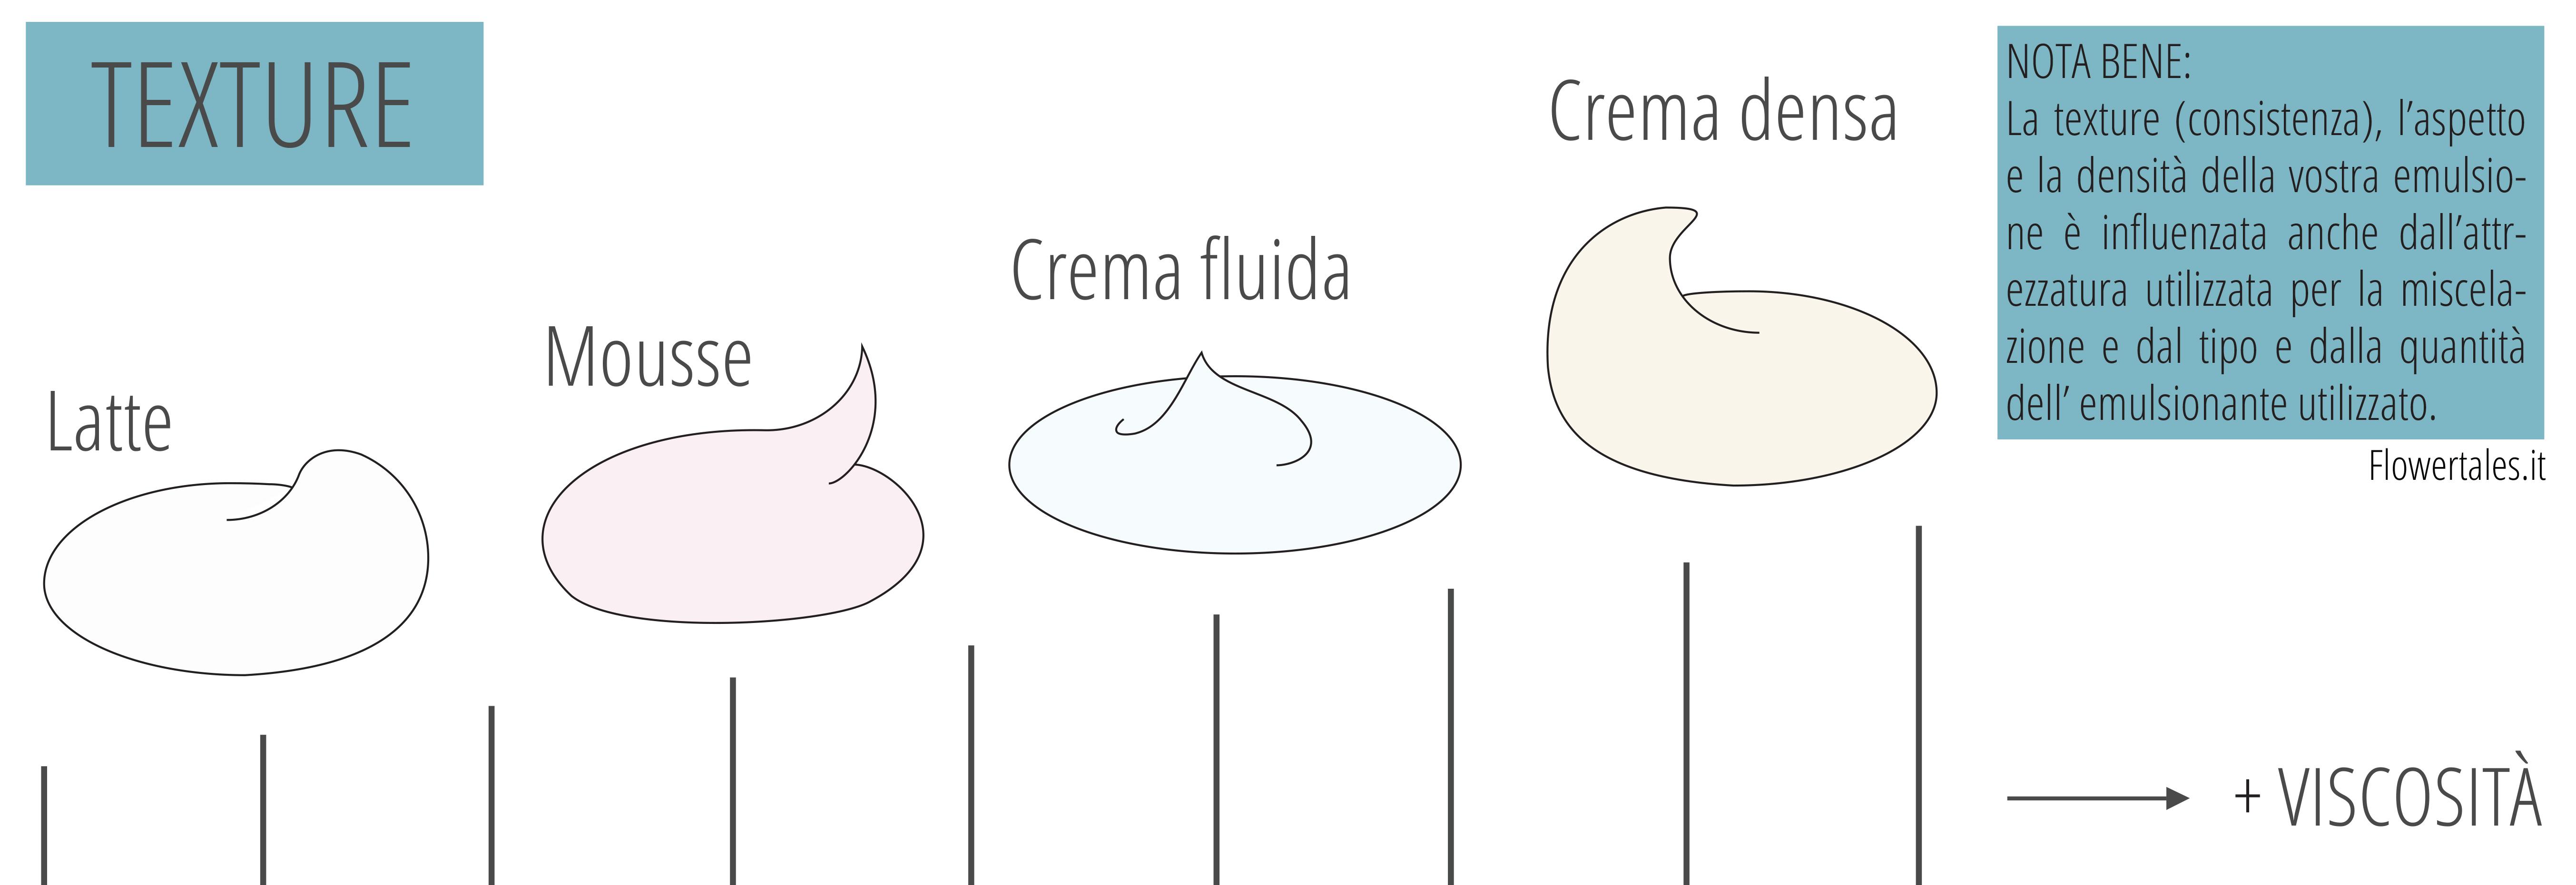 come fare una crema viso - Texture